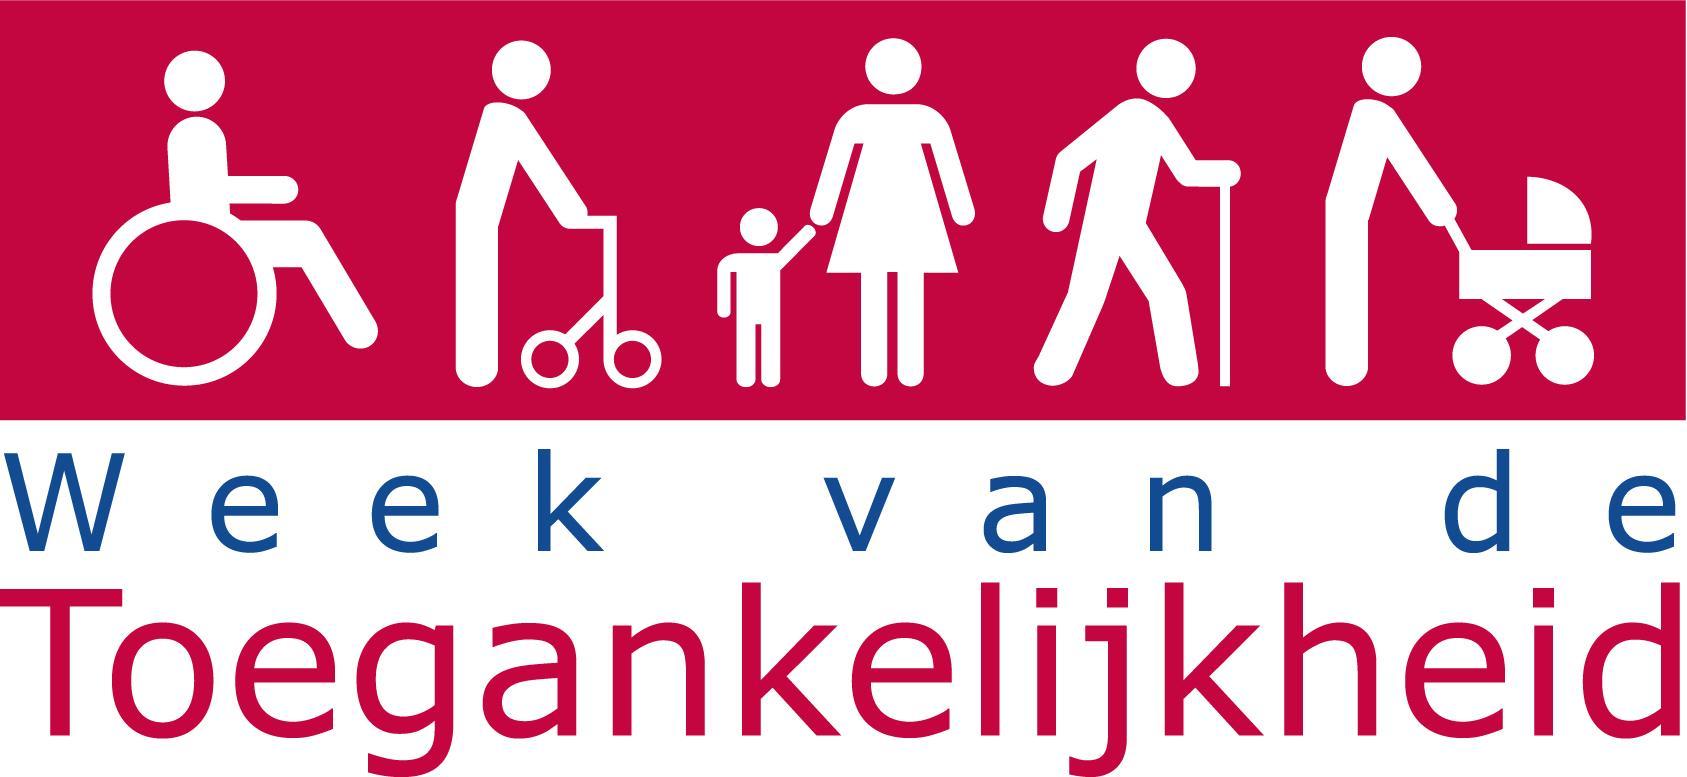 Poster van de Week van de Toegankelijkheid